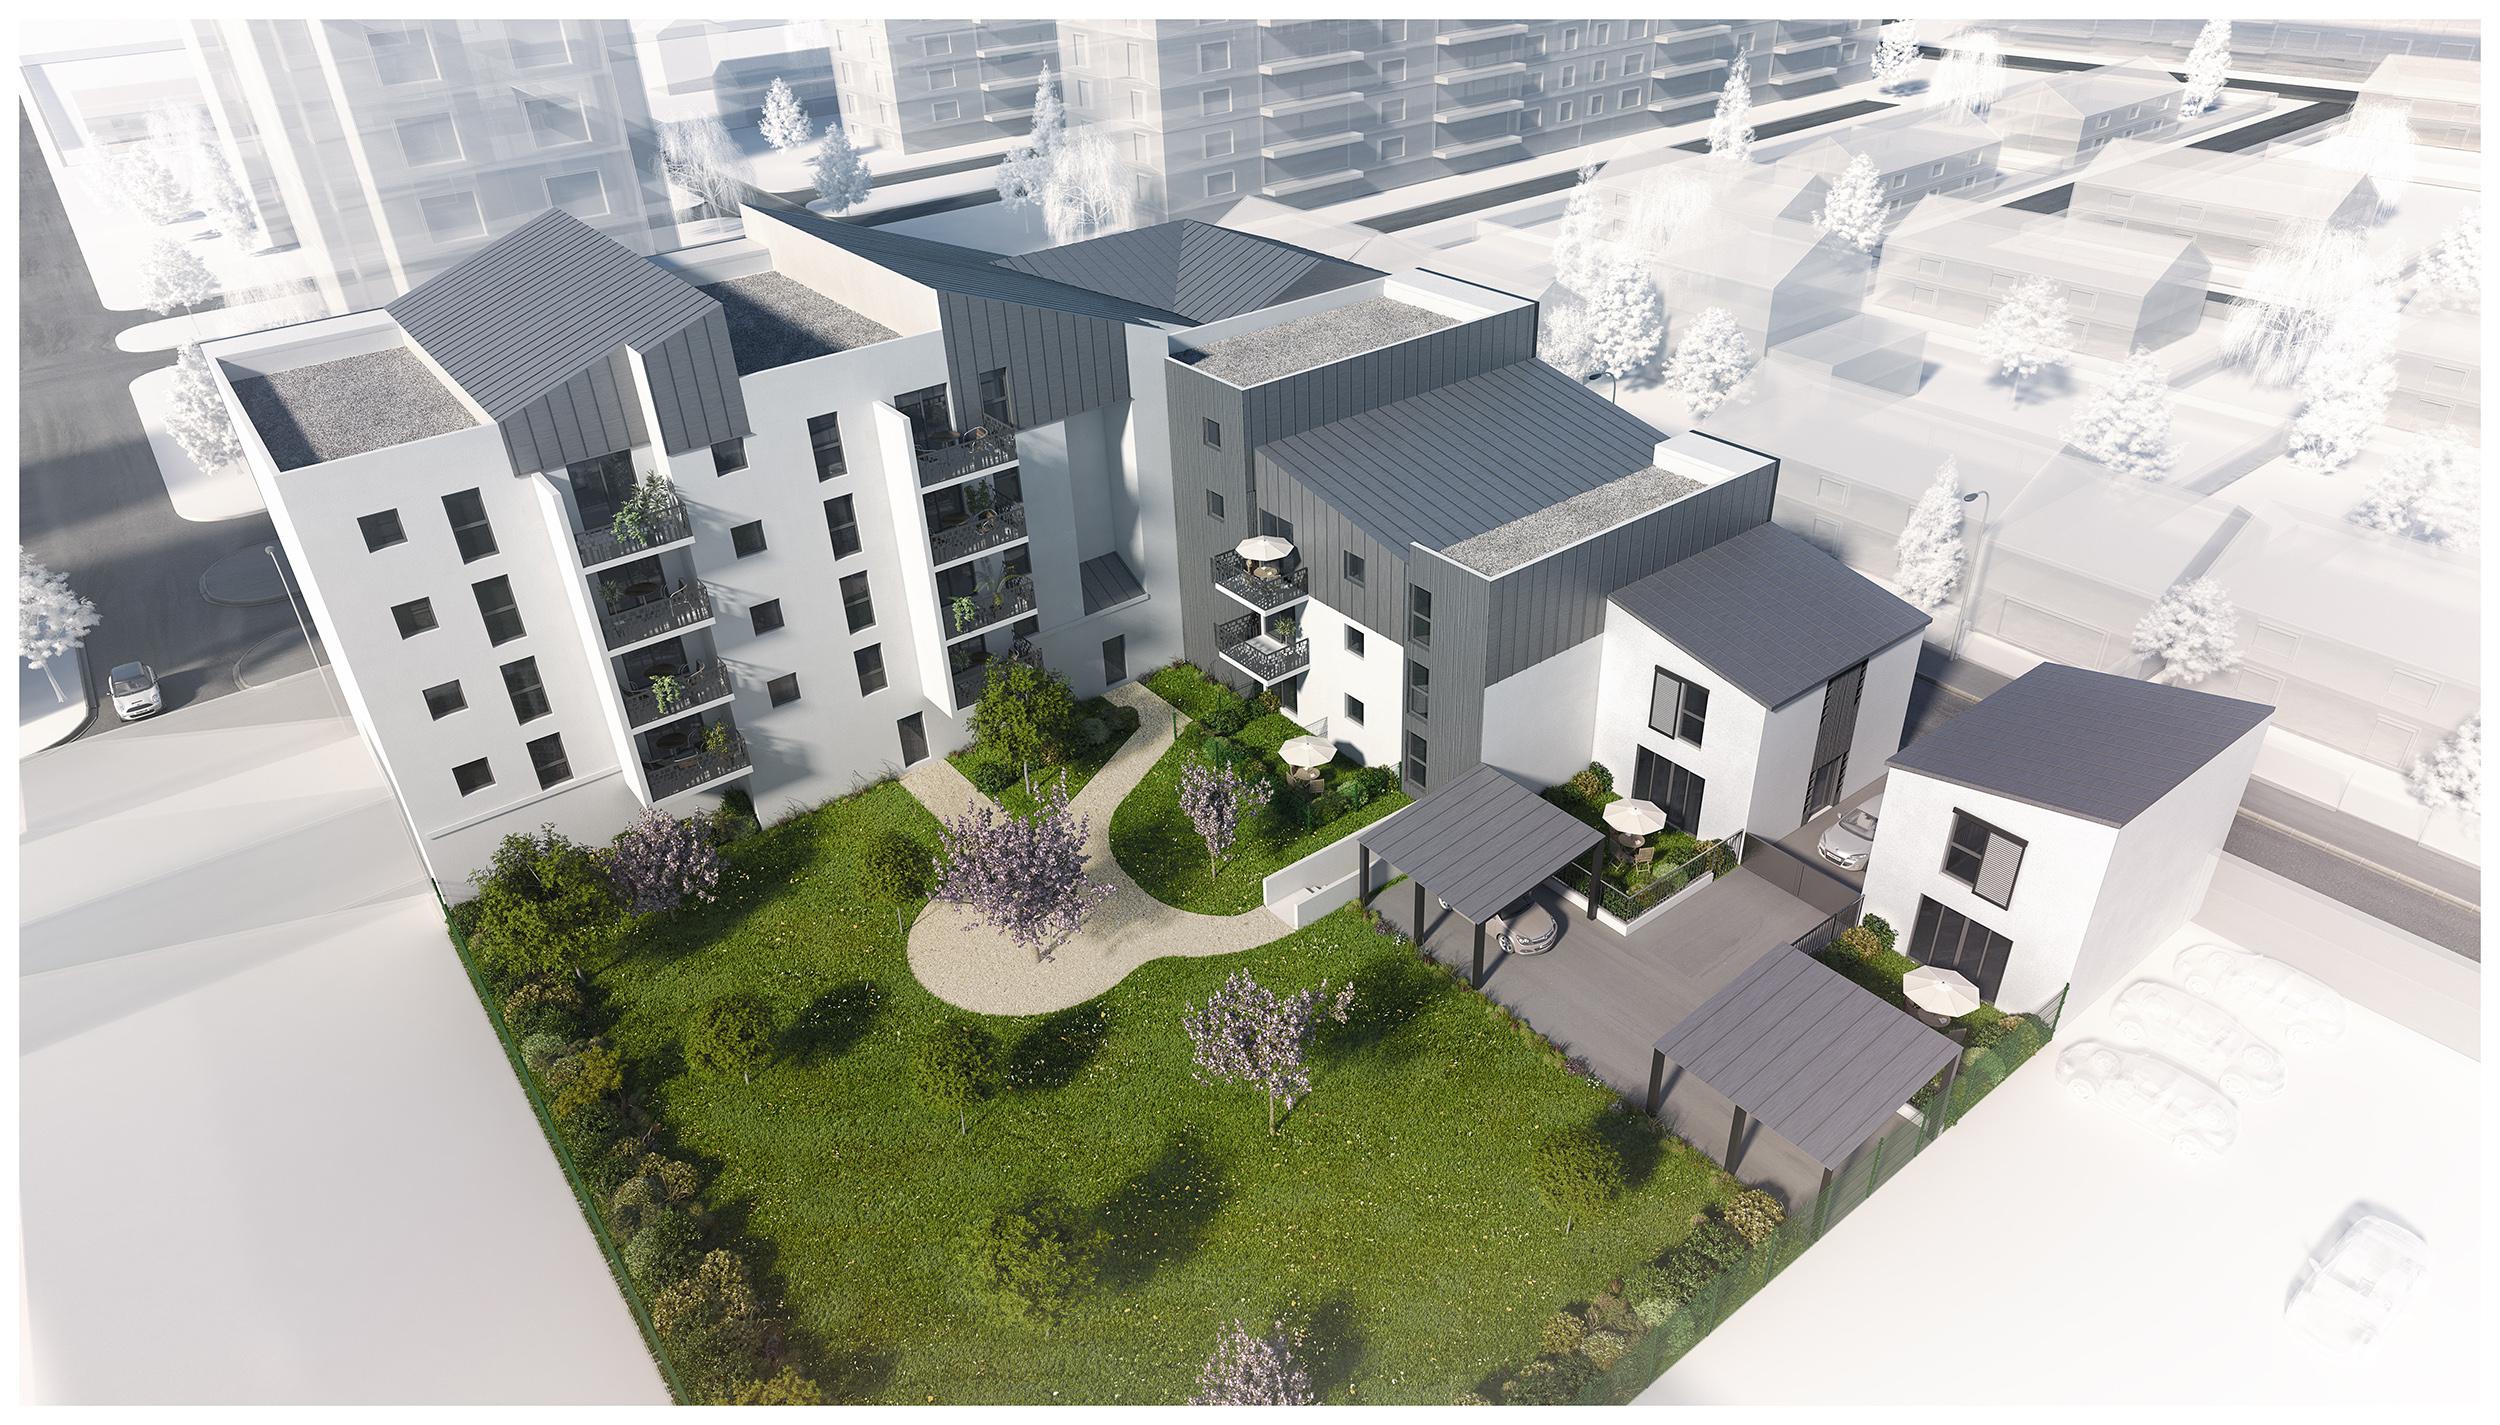 Dripmoon-archvis-graphiste3D-architecture-images-3D-Luxembourg (1)